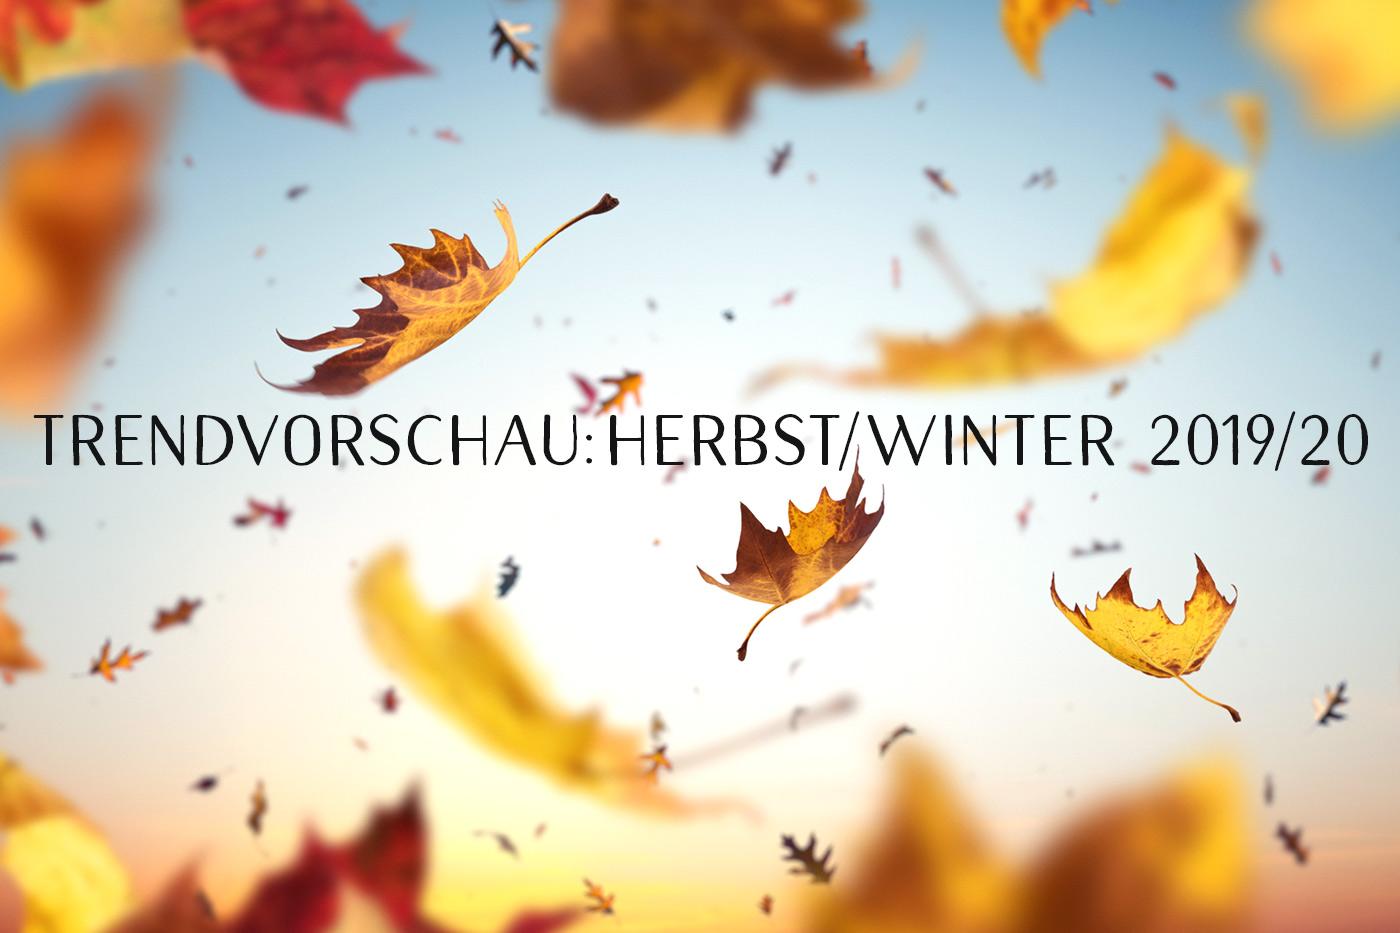 Trendvorschau Herbst/Winter 2019/20